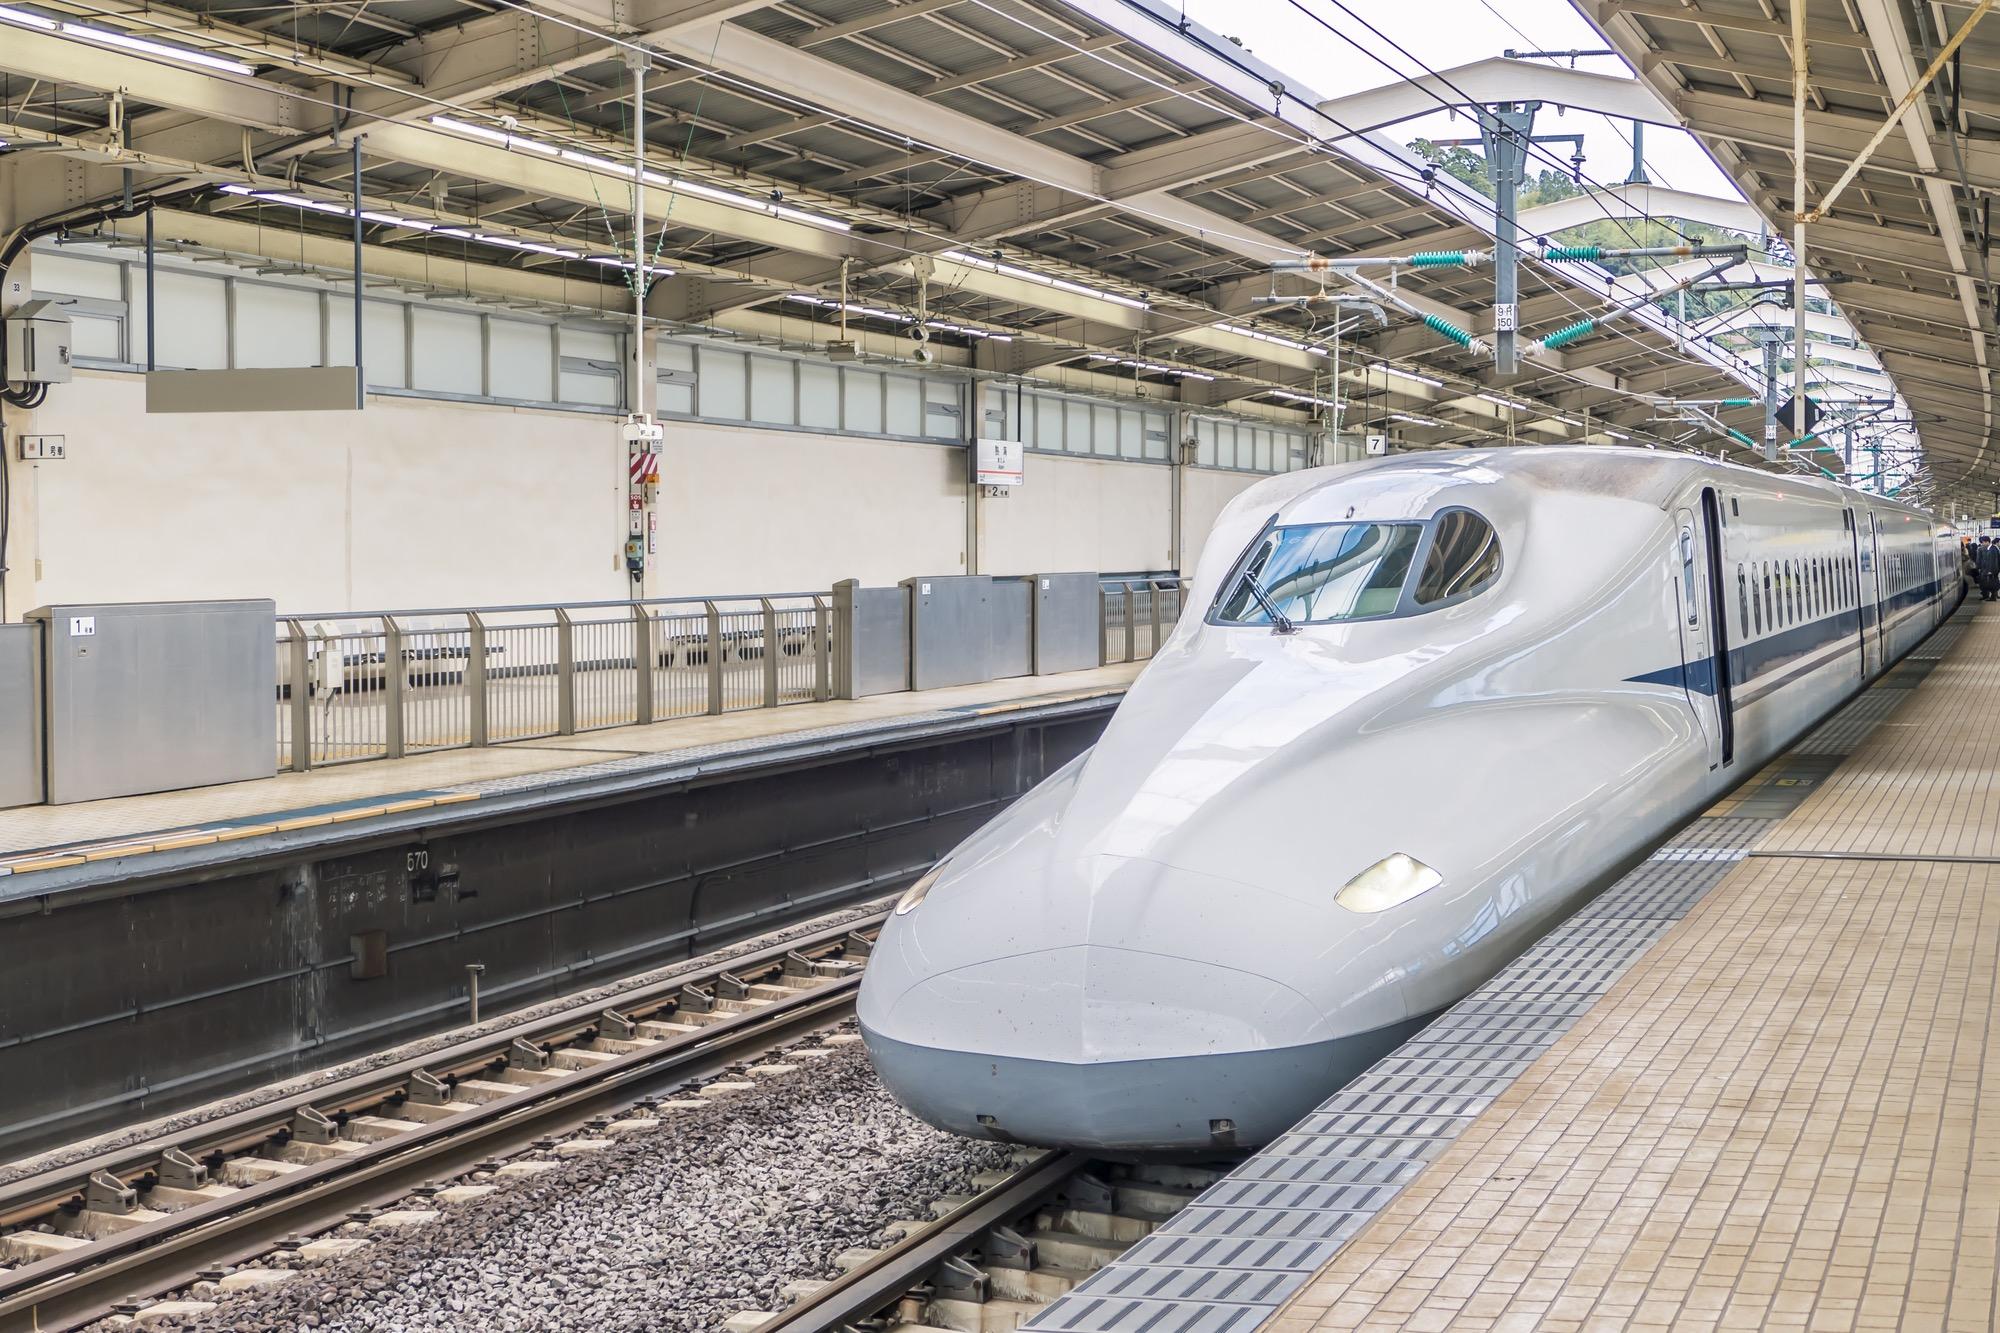 新幹線がアヒル顔なのは騒音対策!? 身のまわりのモノの技術(6)【連載】